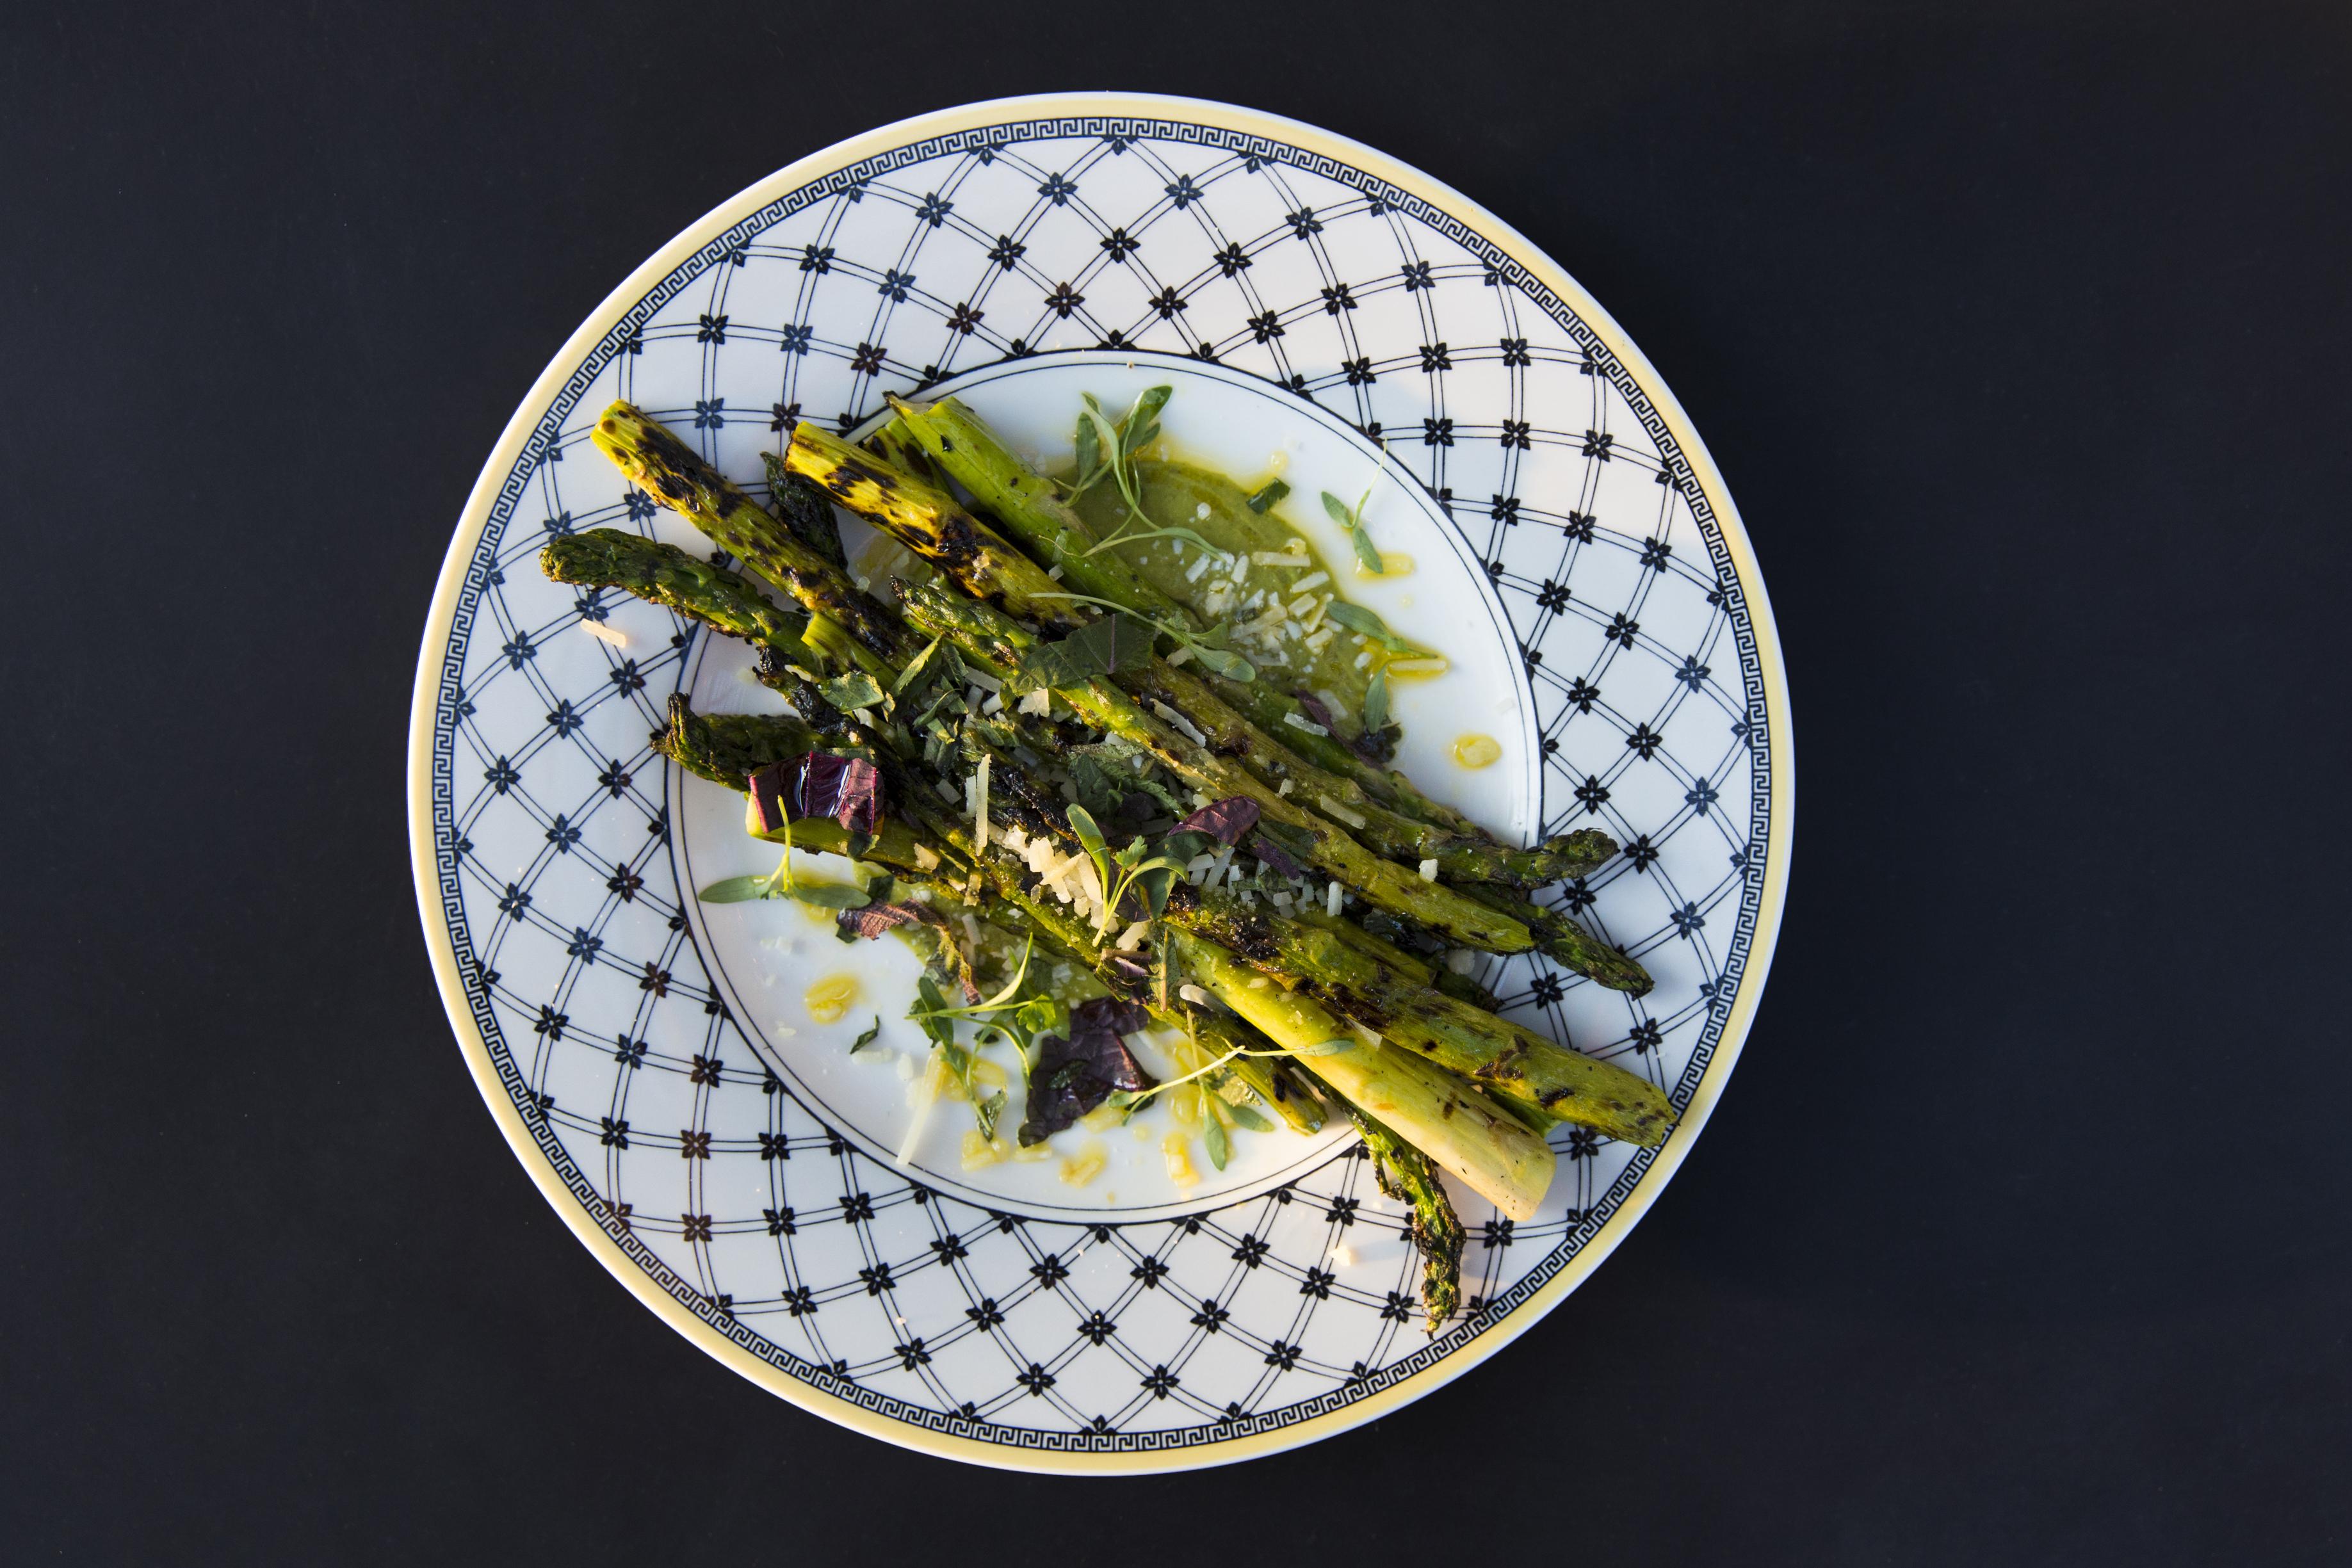 AudreyMa_COMMISSARY_asparagus copy 2